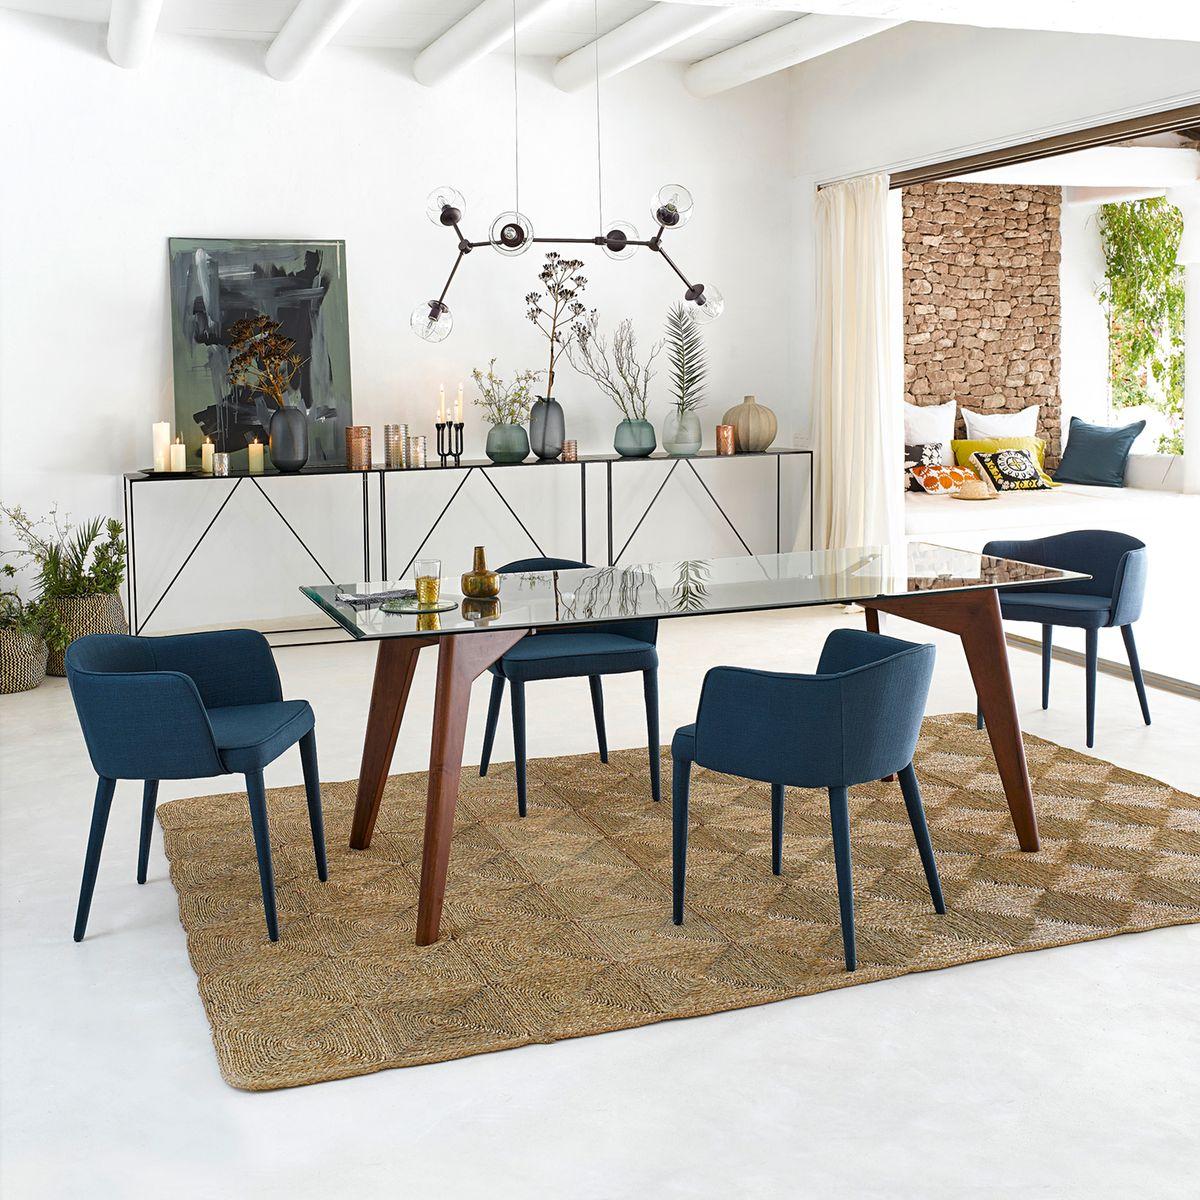 table rectangulaire verre bois salle à manger sol béton ciré tapis jute géant maison moderne mer